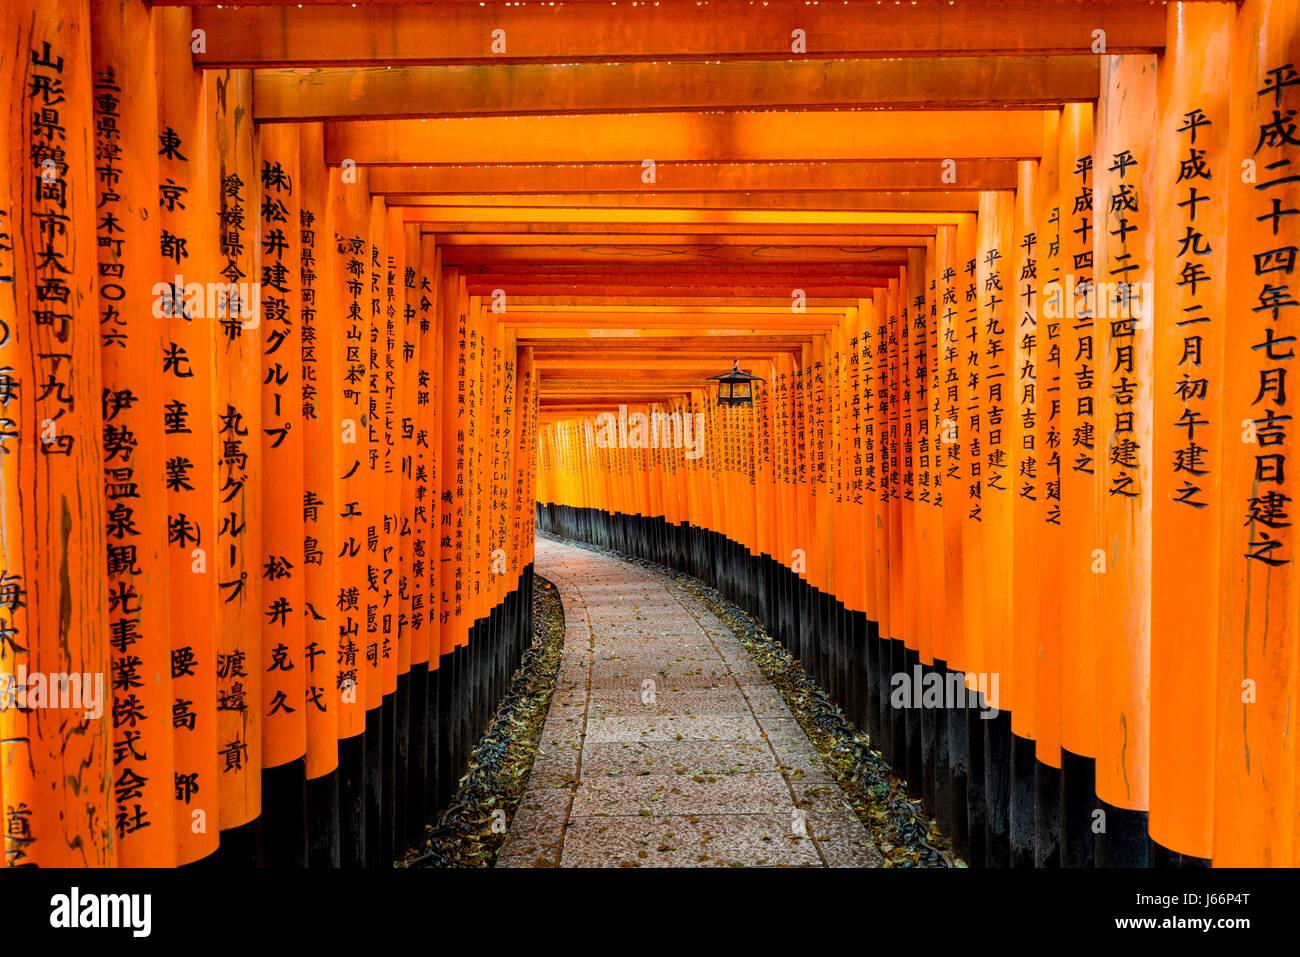 Red Gate dei tori a Fushimi Inari Shrine in Kyoto, Giappone. Immagini Stock